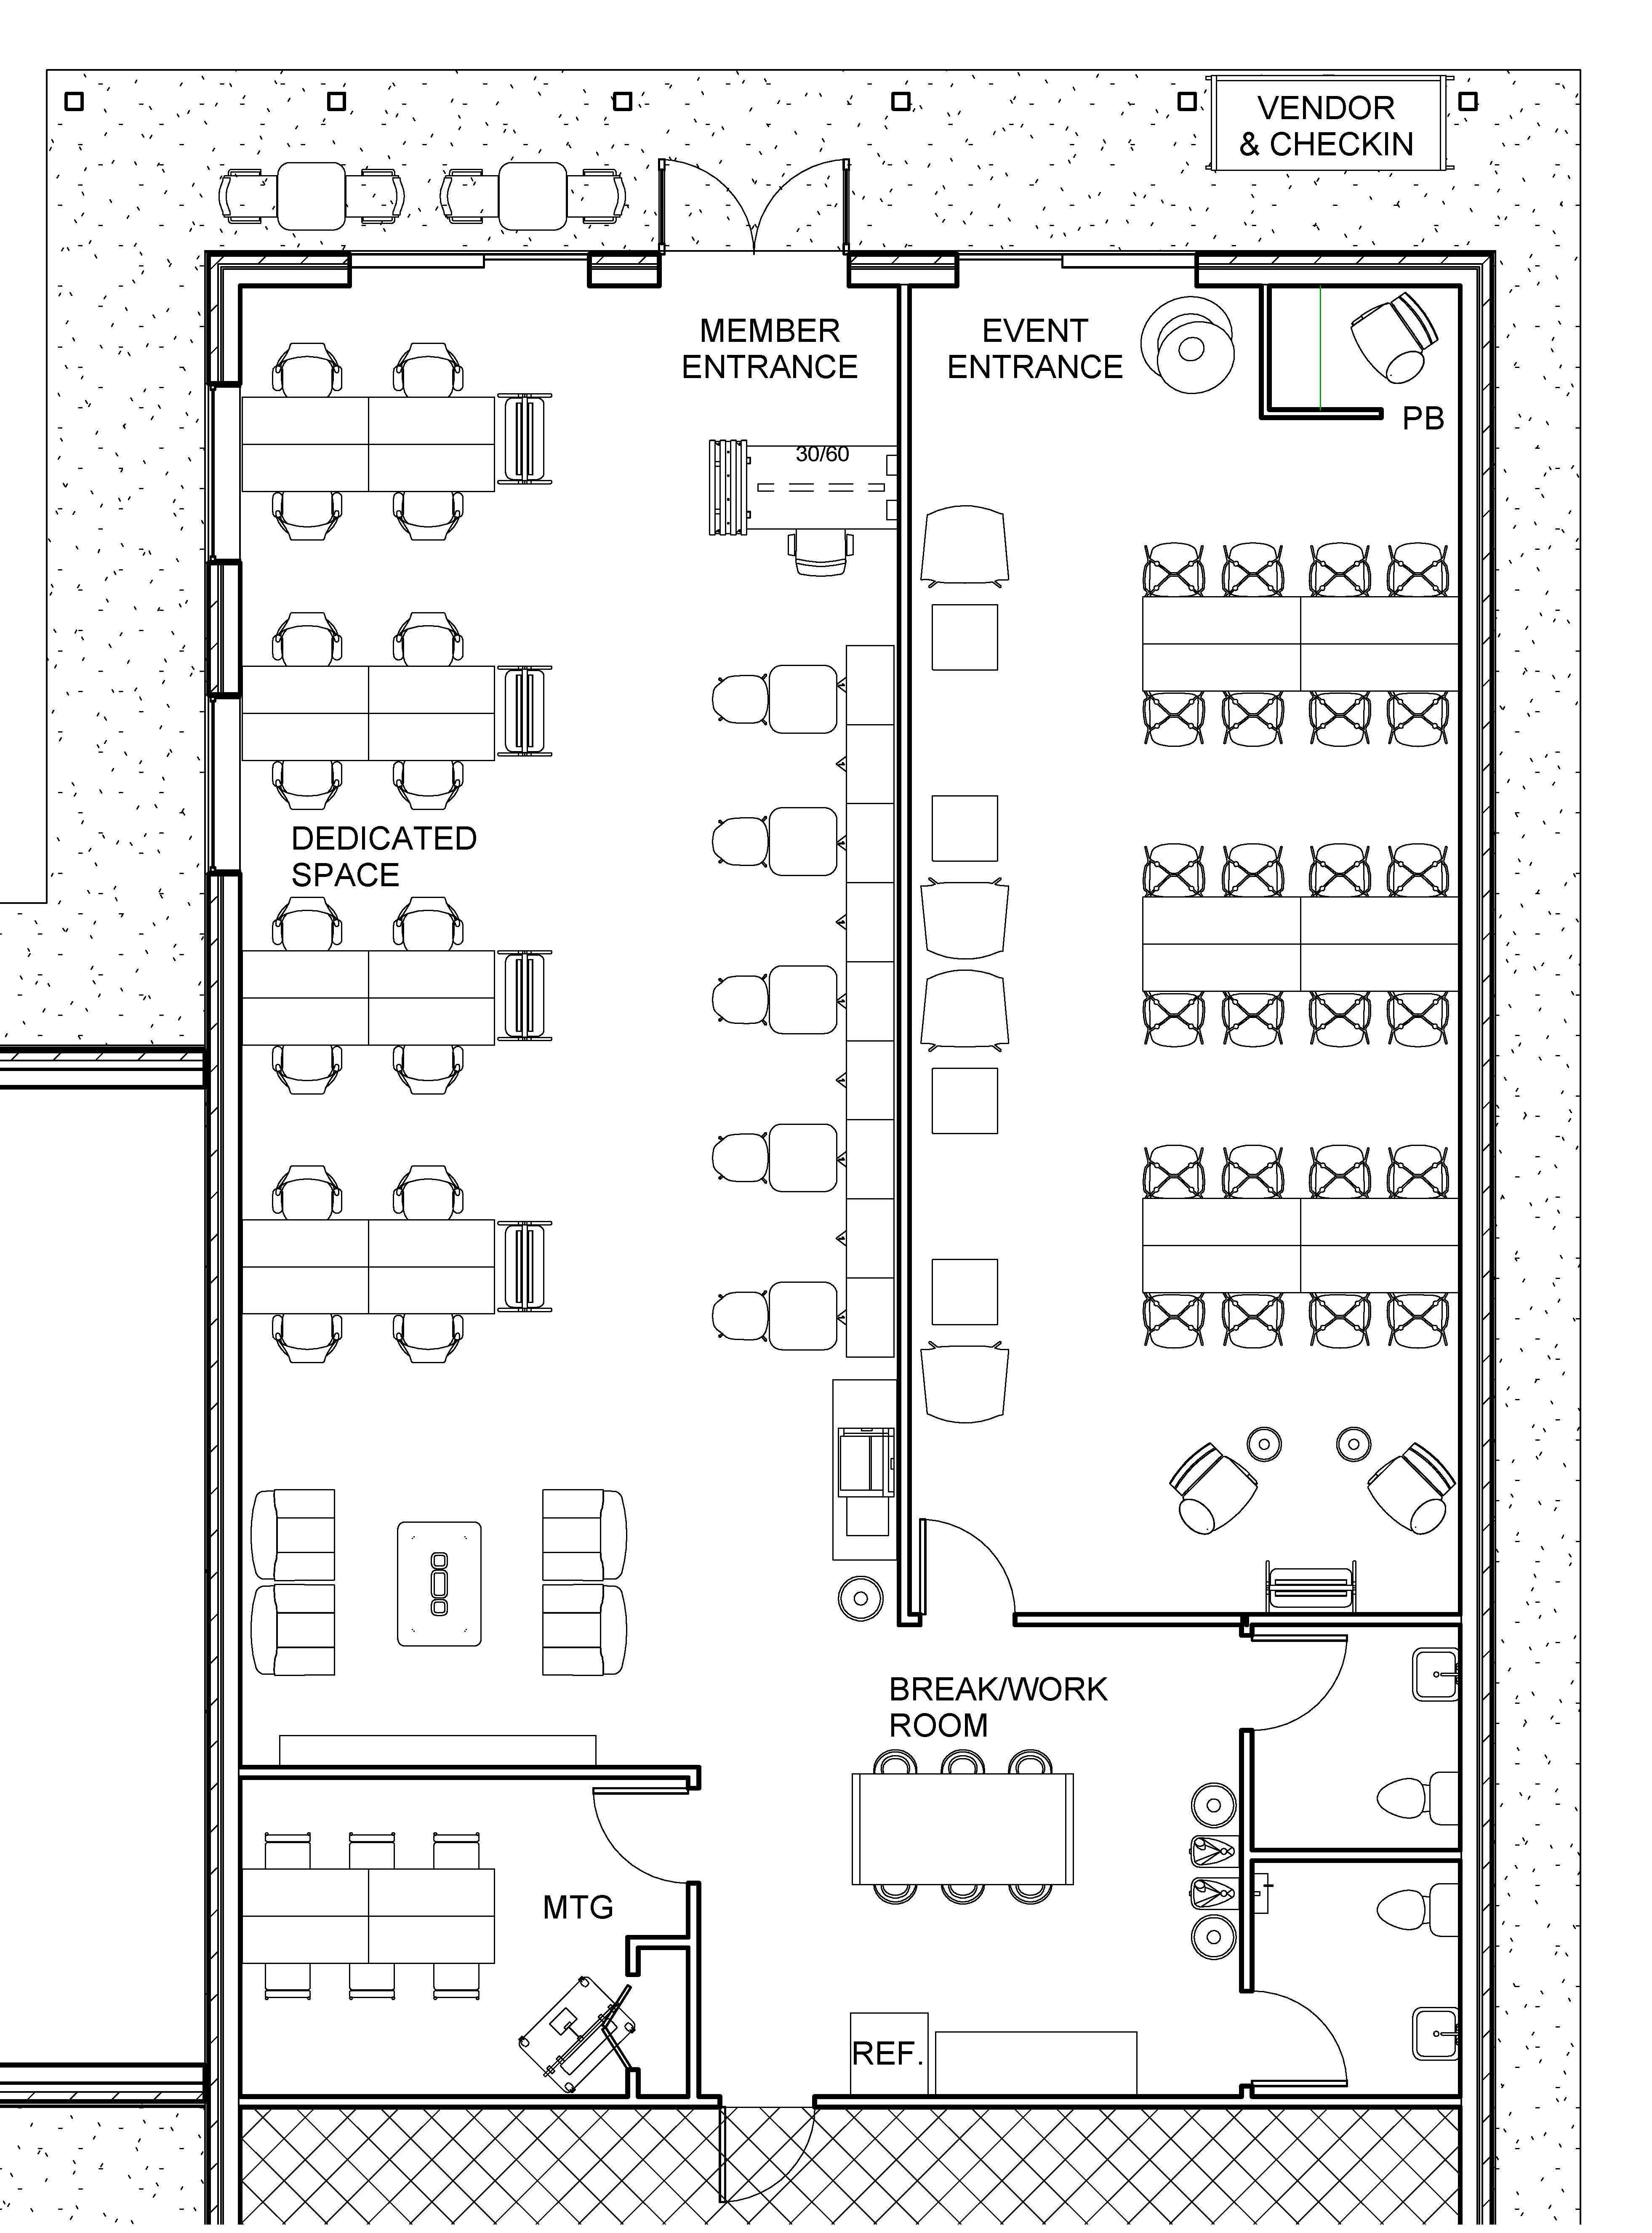 118 interim space - Sheet - A101 - Interim Space